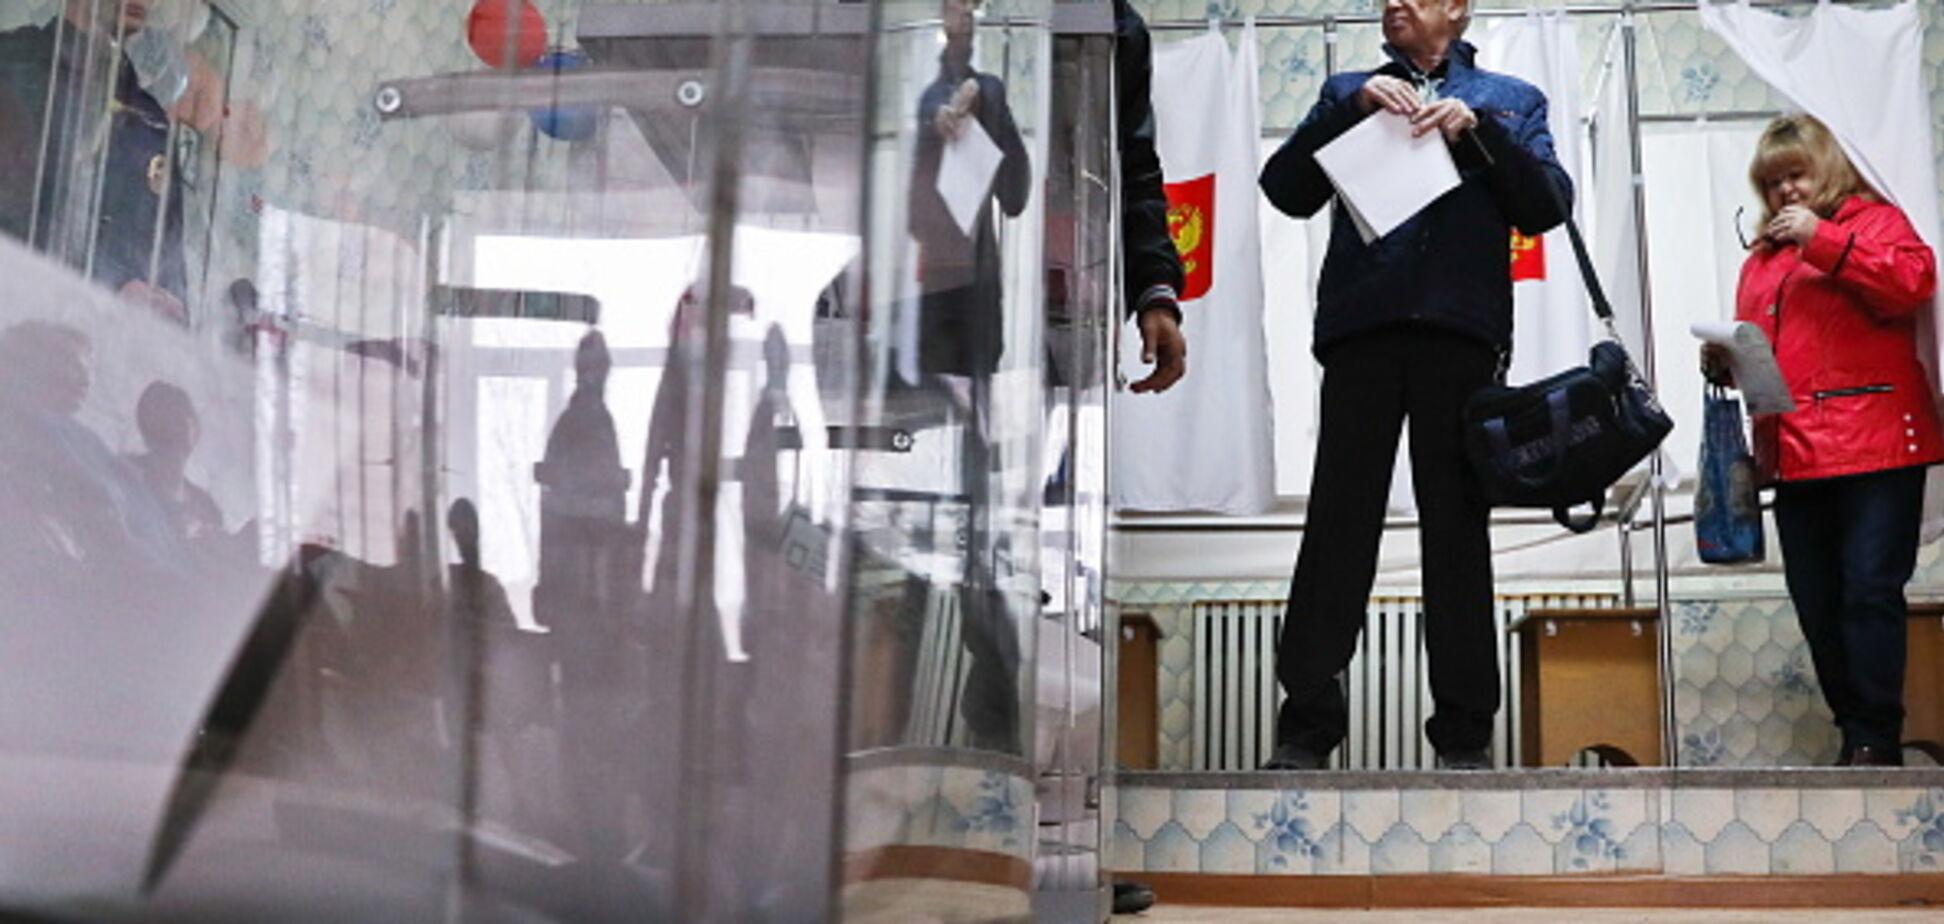 Выборы Путина в Крыму: у Лаврова заистерили из-за слива 'Миротворца'